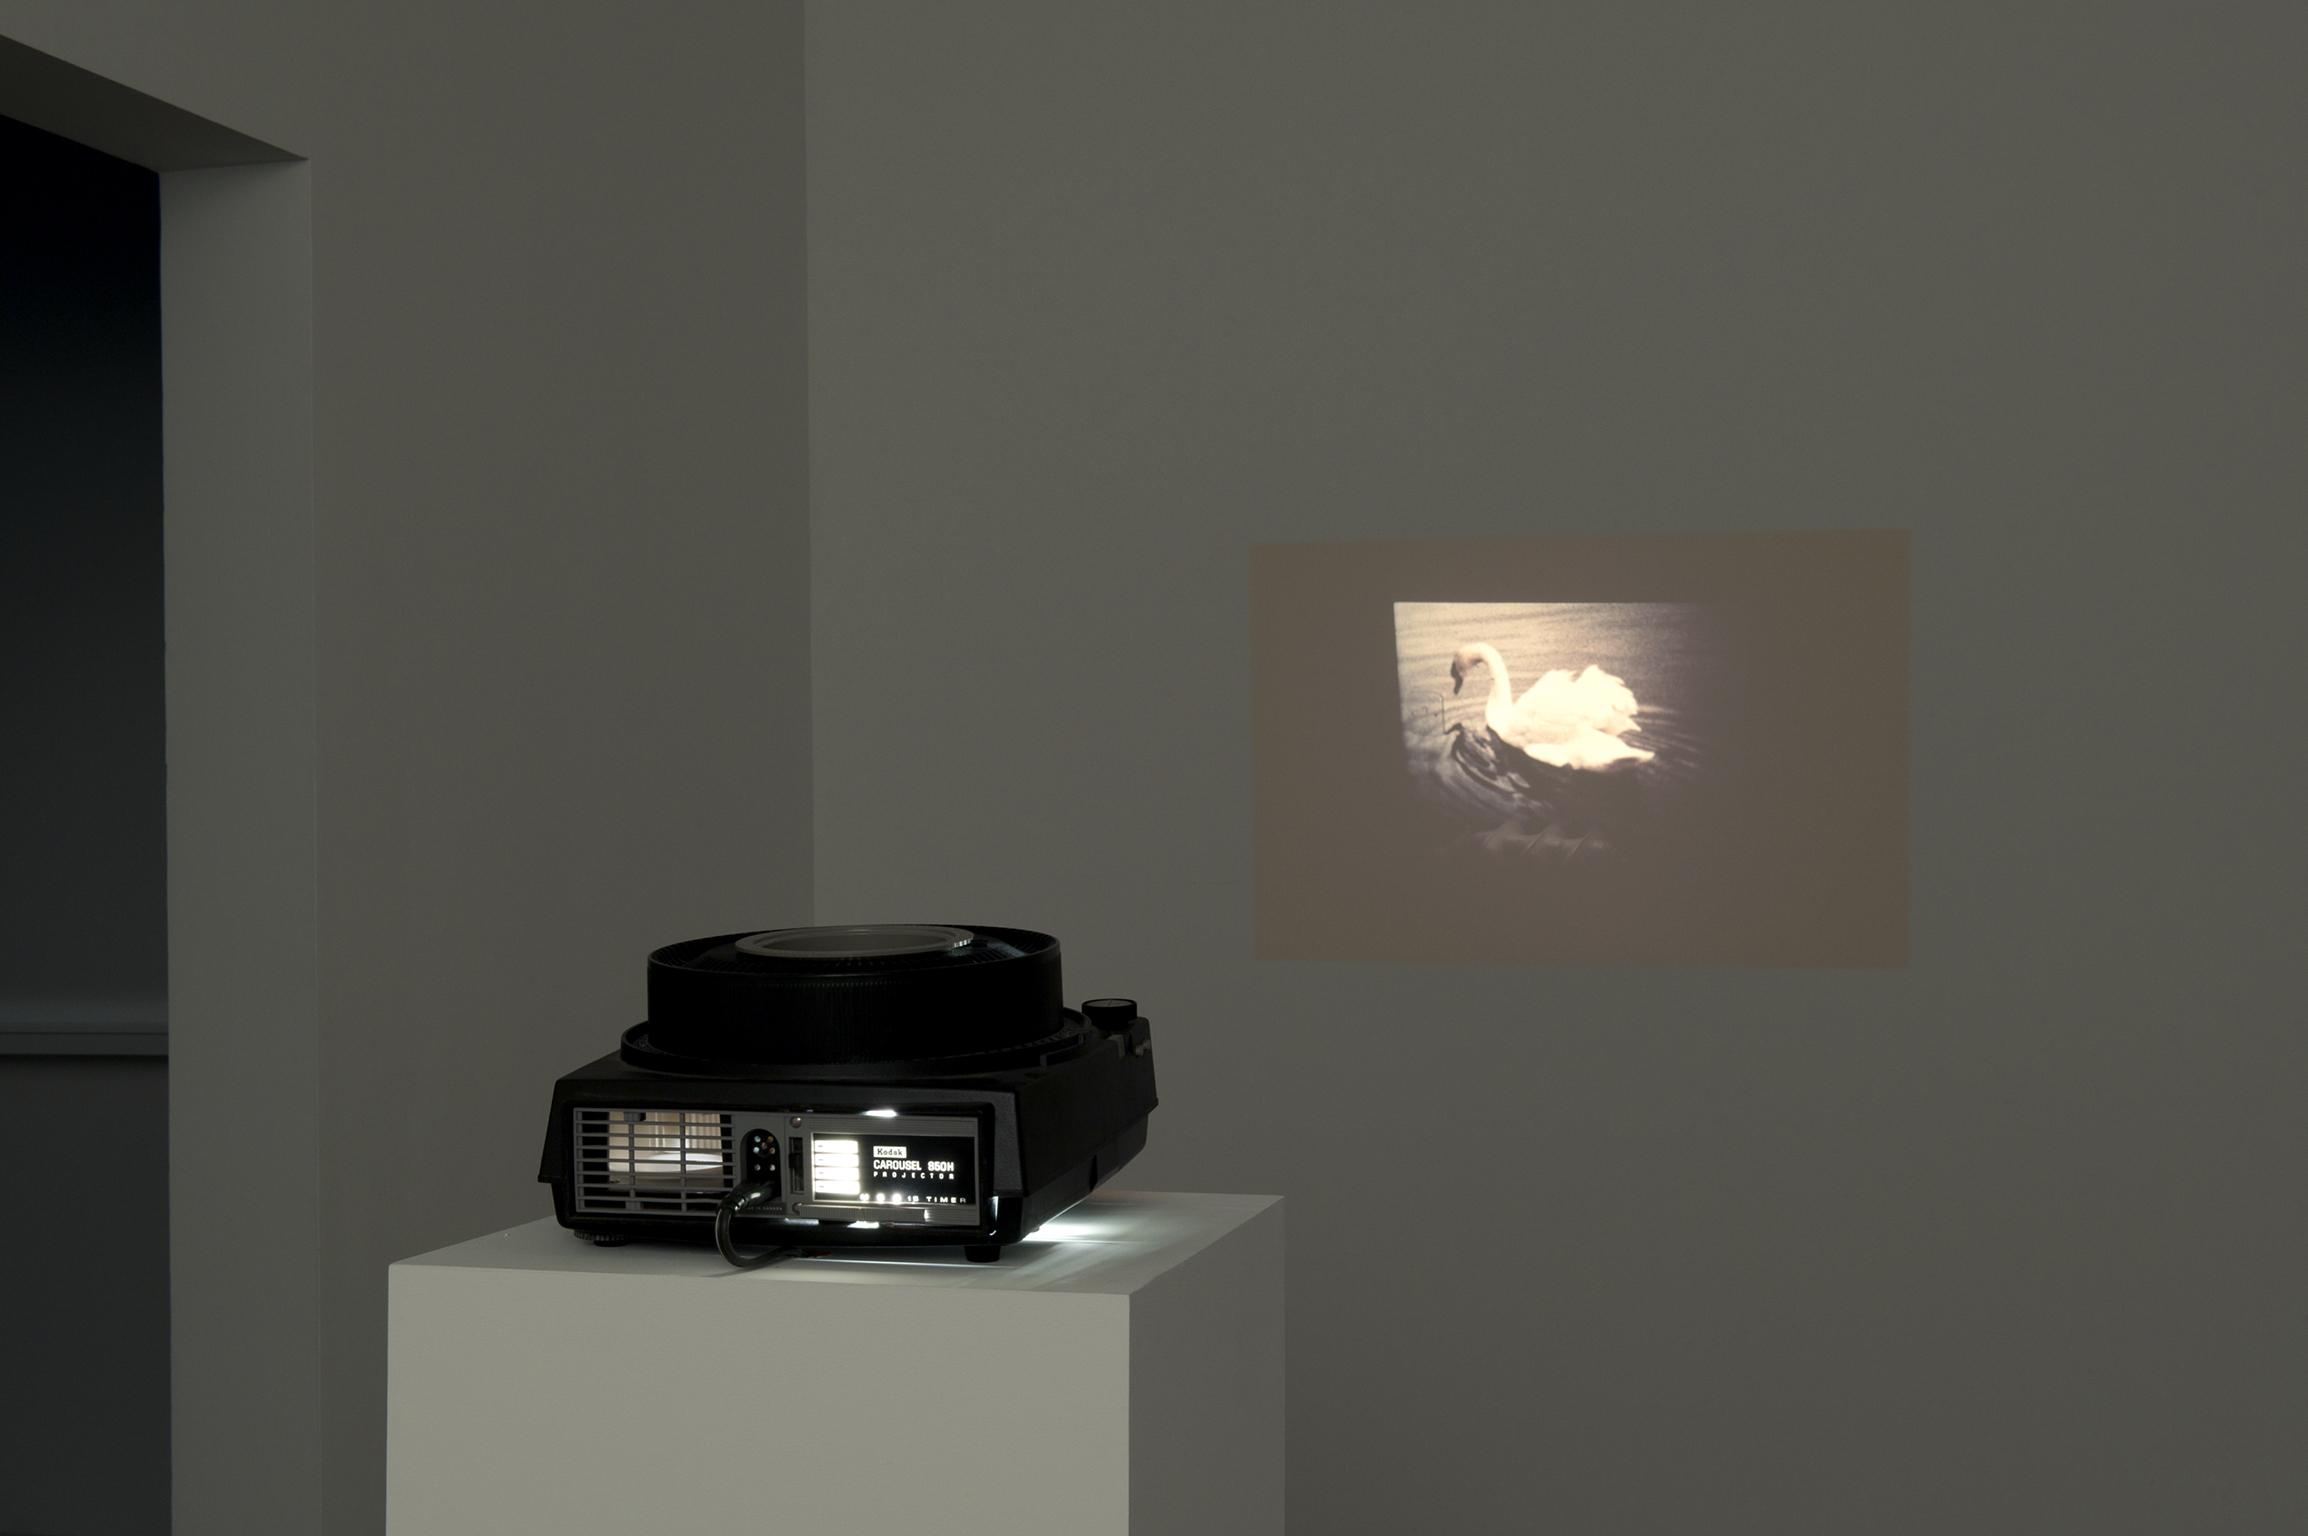 Robert Kleyn, Reflex, 1974, 35mm slide projector   by